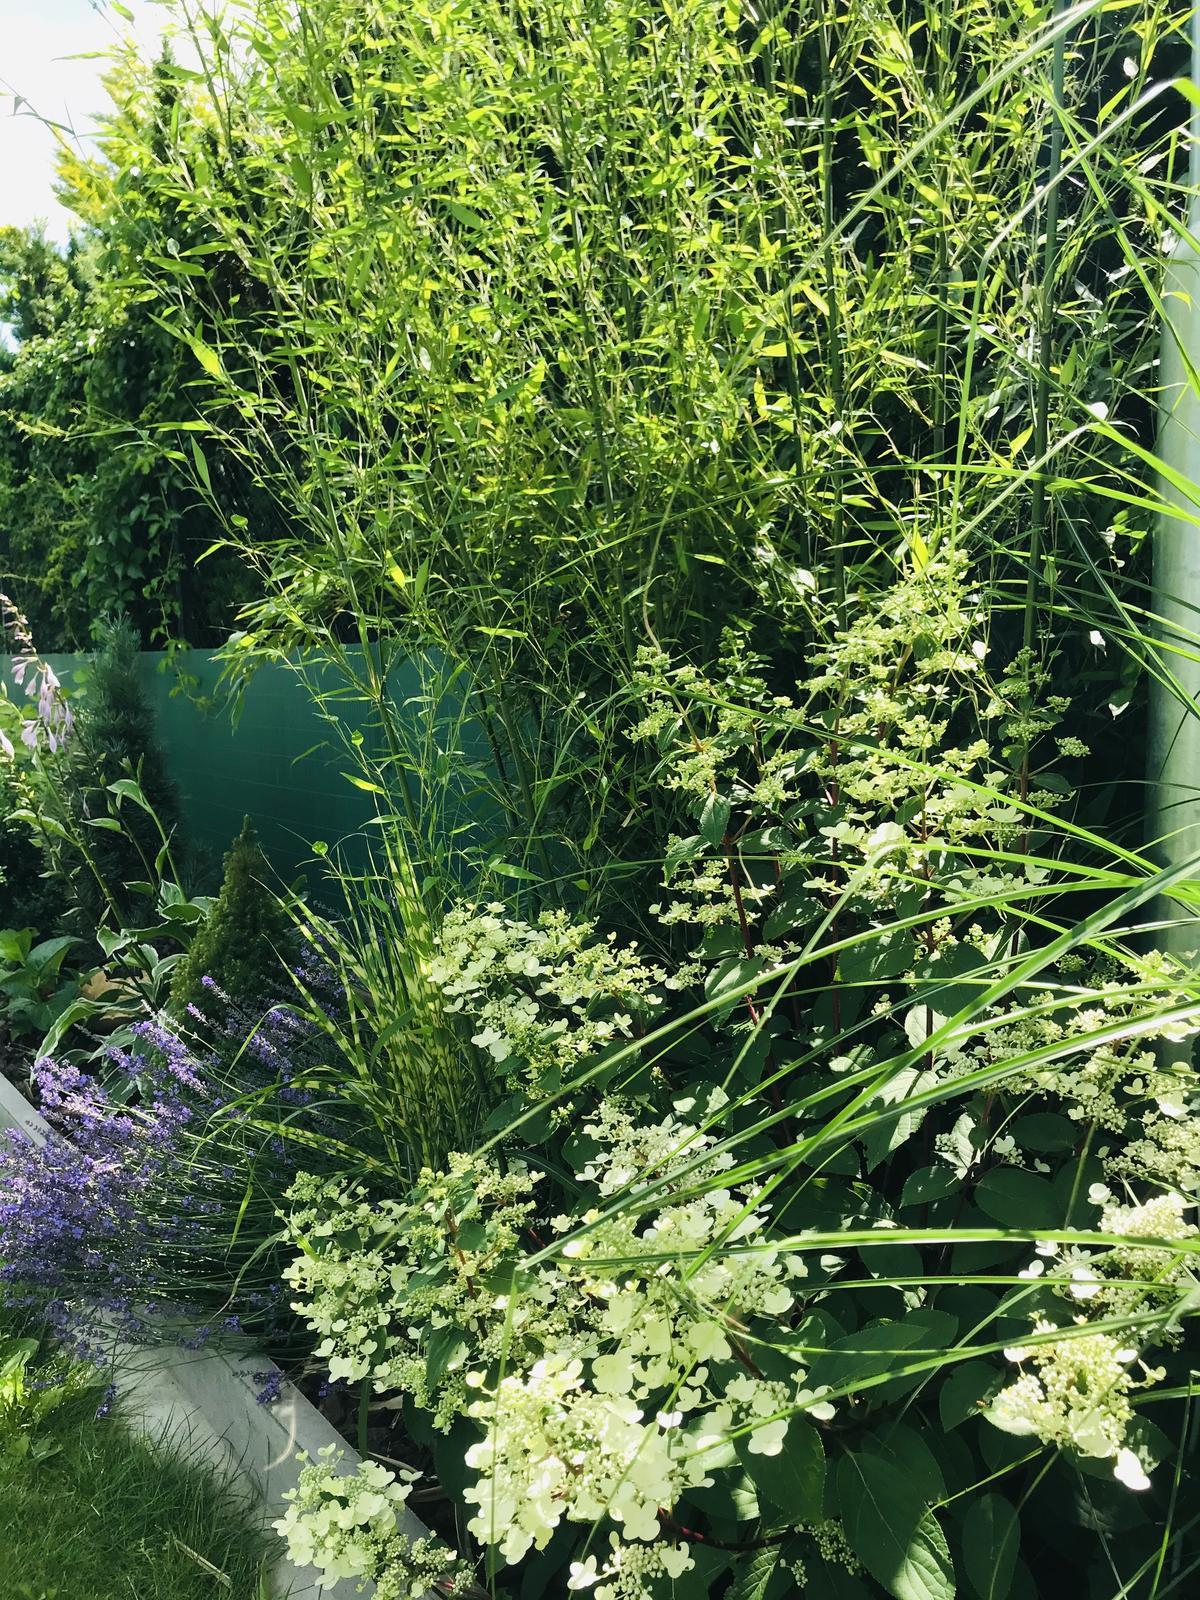 2020 - Trosku džungle - bambus a bílá hortenzie latnatá